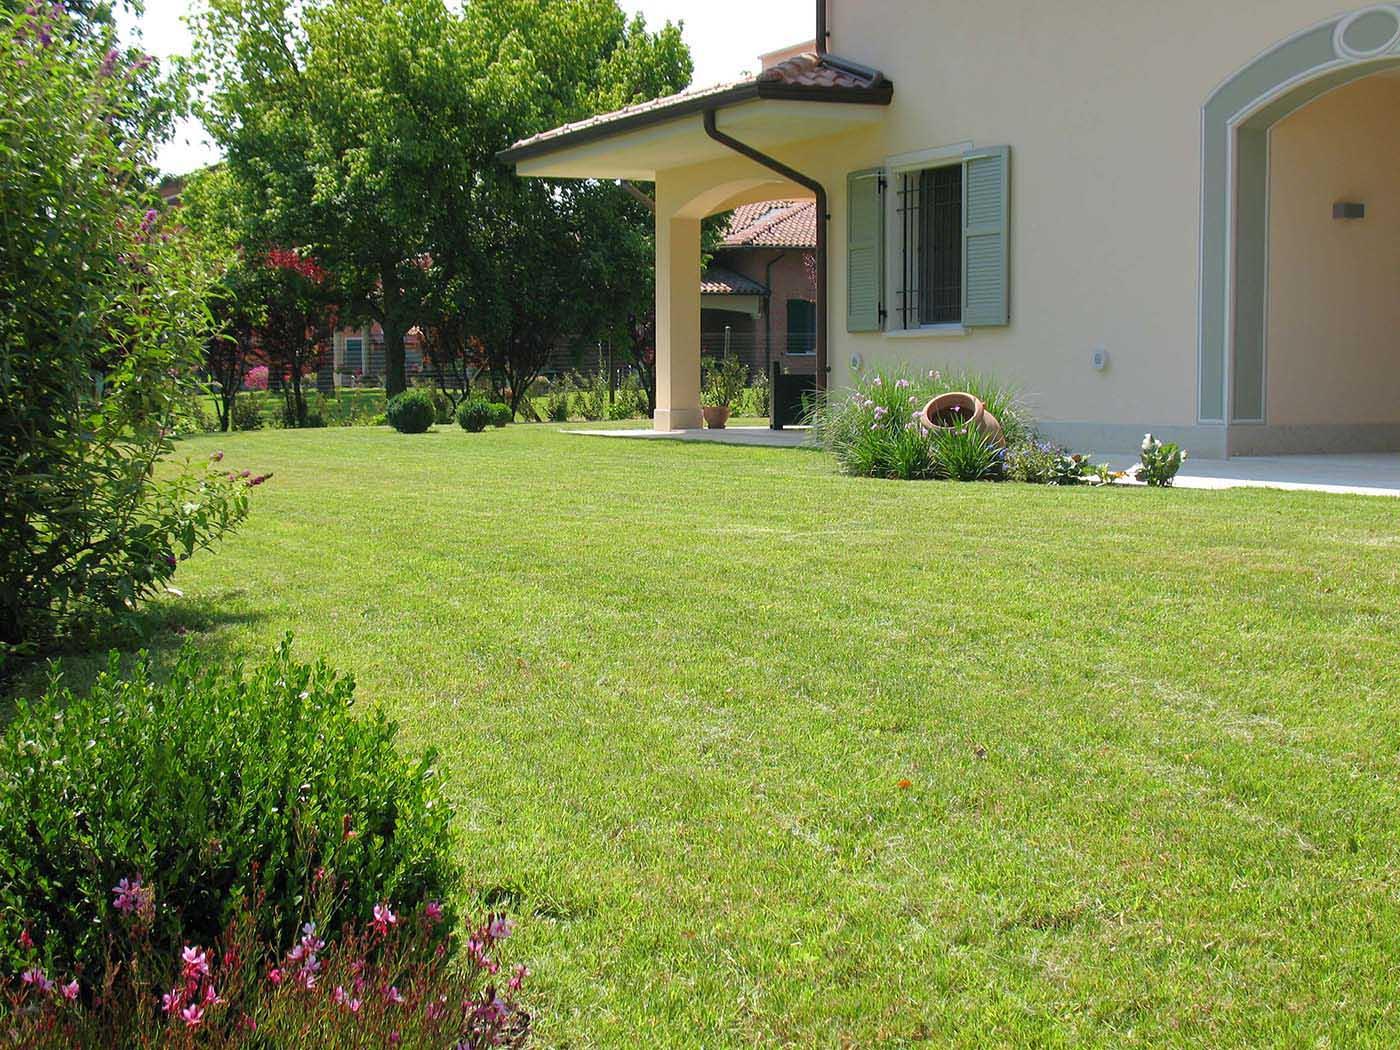 Giardini modena 2 giardiniere modena green creations for Progettazione aiuole